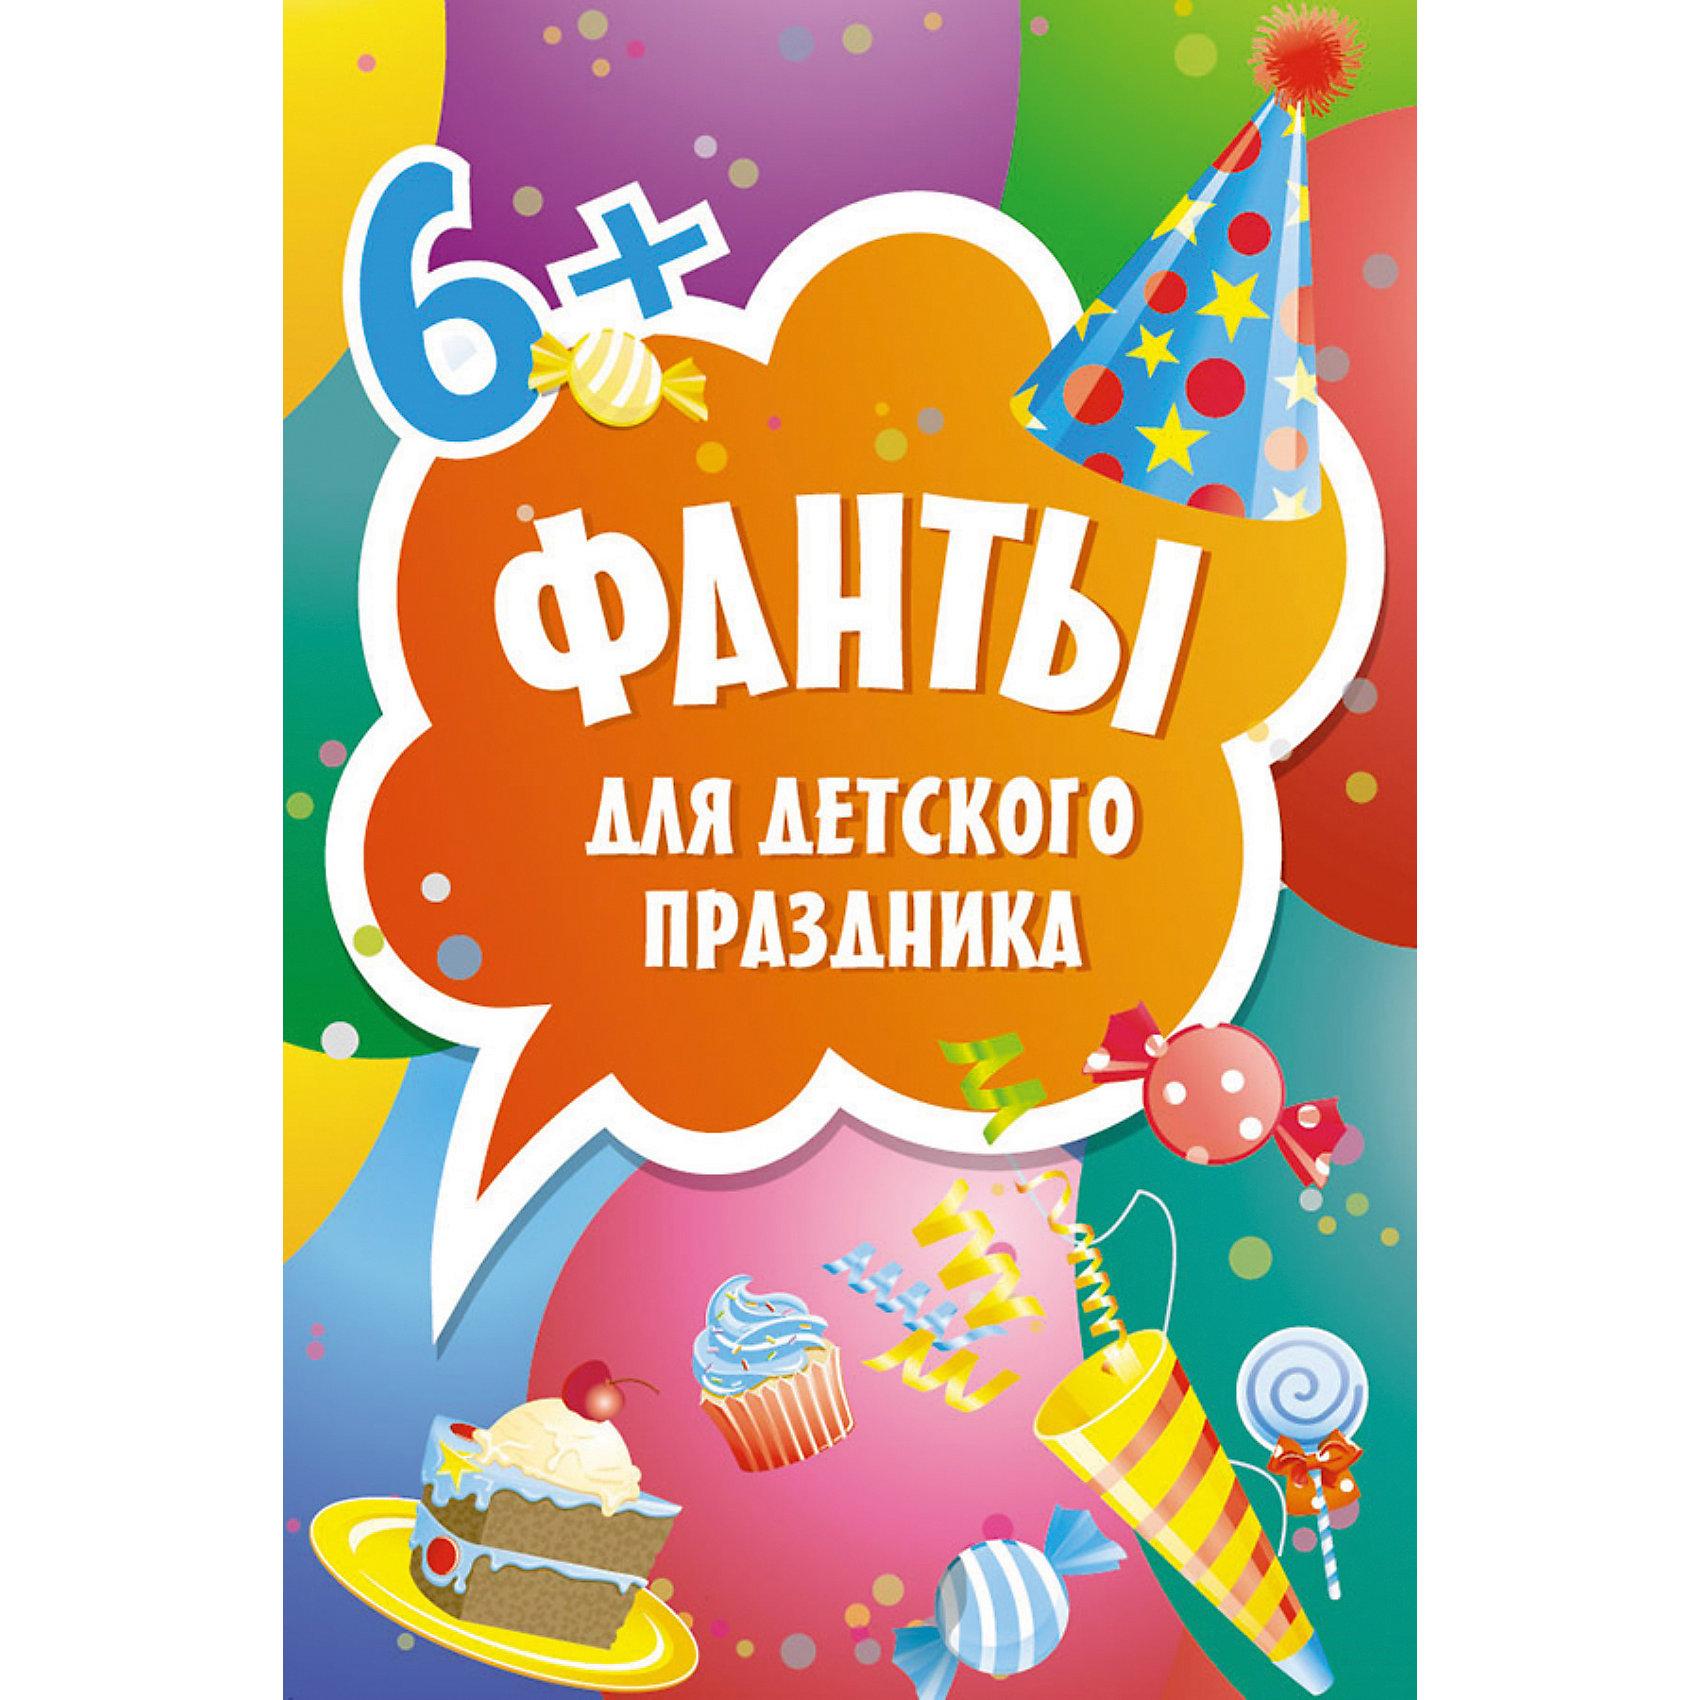 Фанты для детского праздника (45 карточек)Обучающие карточки<br>Фанты для детского праздника (45 карточек).<br><br>Характеристики:<br><br>- Издательство: Питер,2016<br>- Формат издания: 80x110 мм (миниатюрный формат)<br>- Мягкая обложка.<br>- Тип упаковки: коробка.<br>- Иллюстрации: цветные.<br>- Страниц: 44.<br><br>44 фанта развеселят любую компанию и сделают детский день рождения незабываемым! Вытащите фант, прочитайте задание — и проявите свои способности. Взрослые играют вместе с детьми!<br><br>Фанты для детского праздника (45 карточек) можно купить в нашем интернет - магазине.<br><br>Ширина мм: 114<br>Глубина мм: 77<br>Высота мм: 4<br>Вес г: 55<br>Возраст от месяцев: 72<br>Возраст до месяцев: 120<br>Пол: Унисекс<br>Возраст: Детский<br>SKU: 5199704